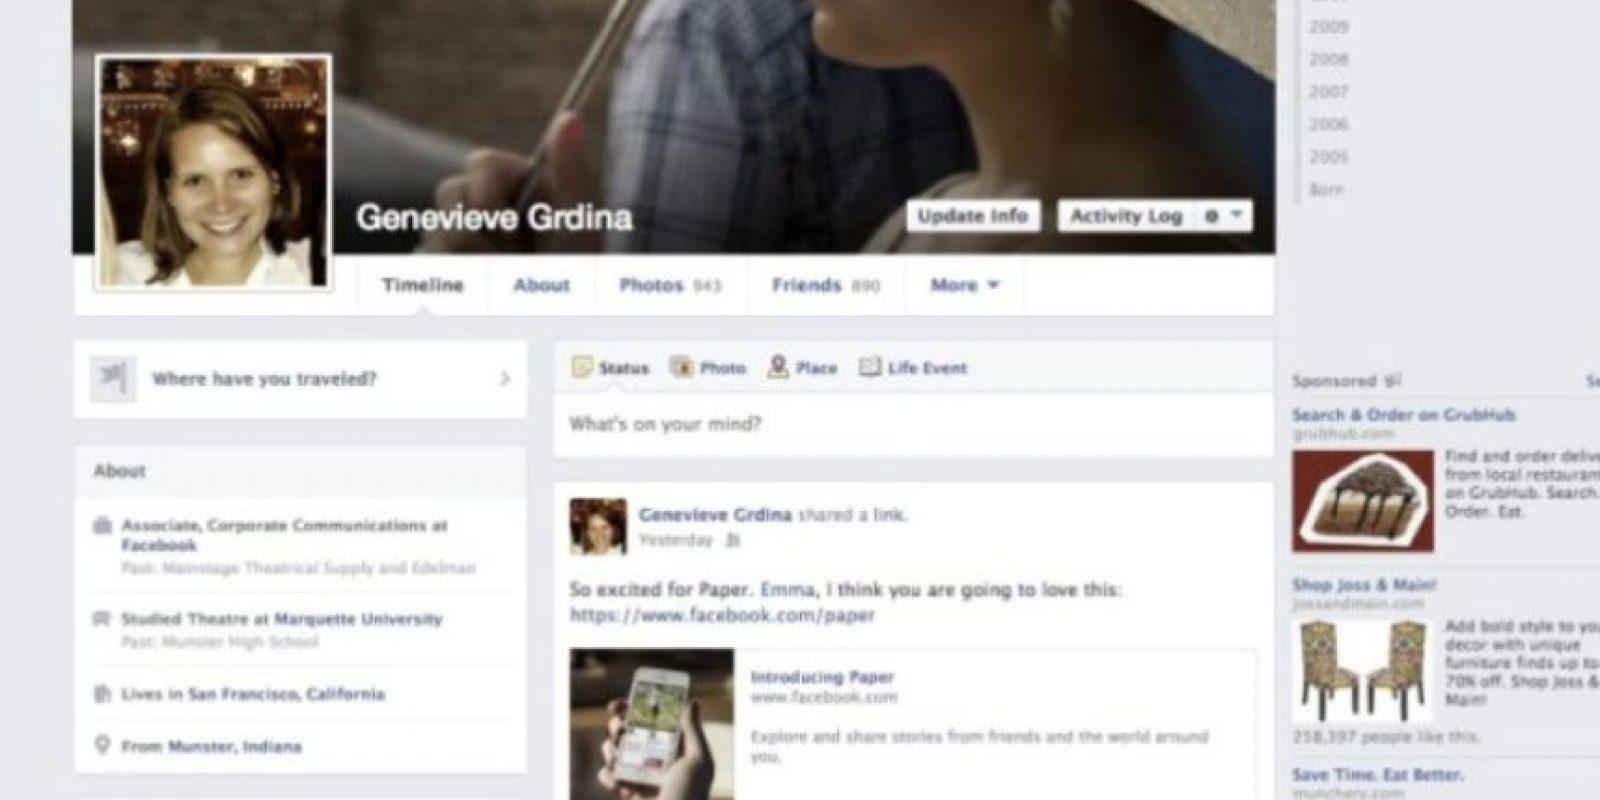 """2013-2014. Facebook introduce una aplicación llamada """"Paper"""" y se los colores se vuelven más sutiles. Foto:Facebook.com"""